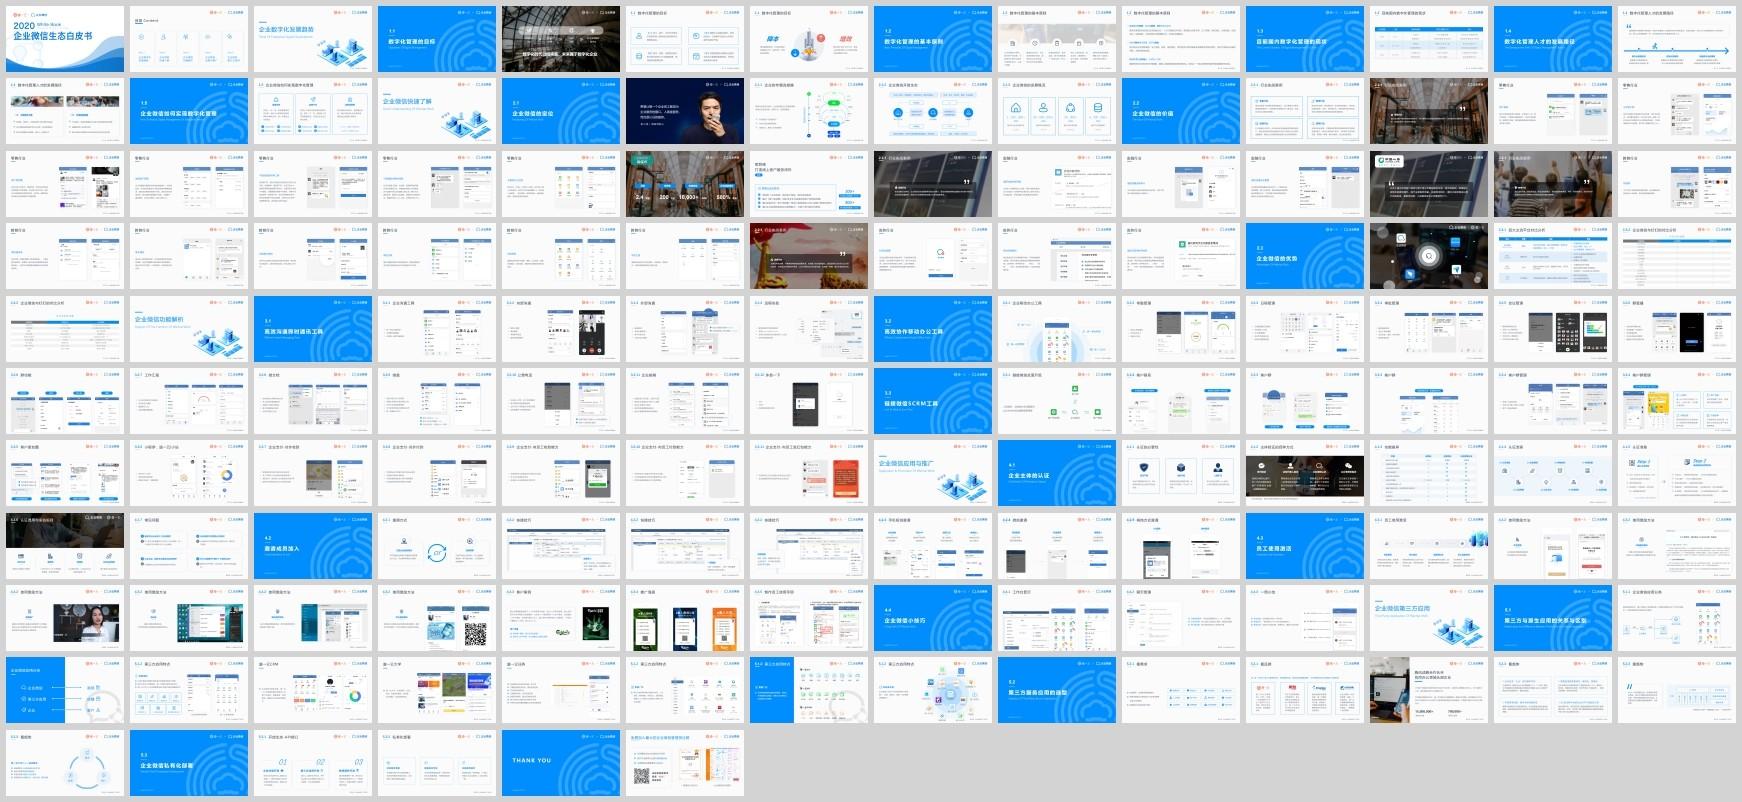 2021企业微信生态白皮书